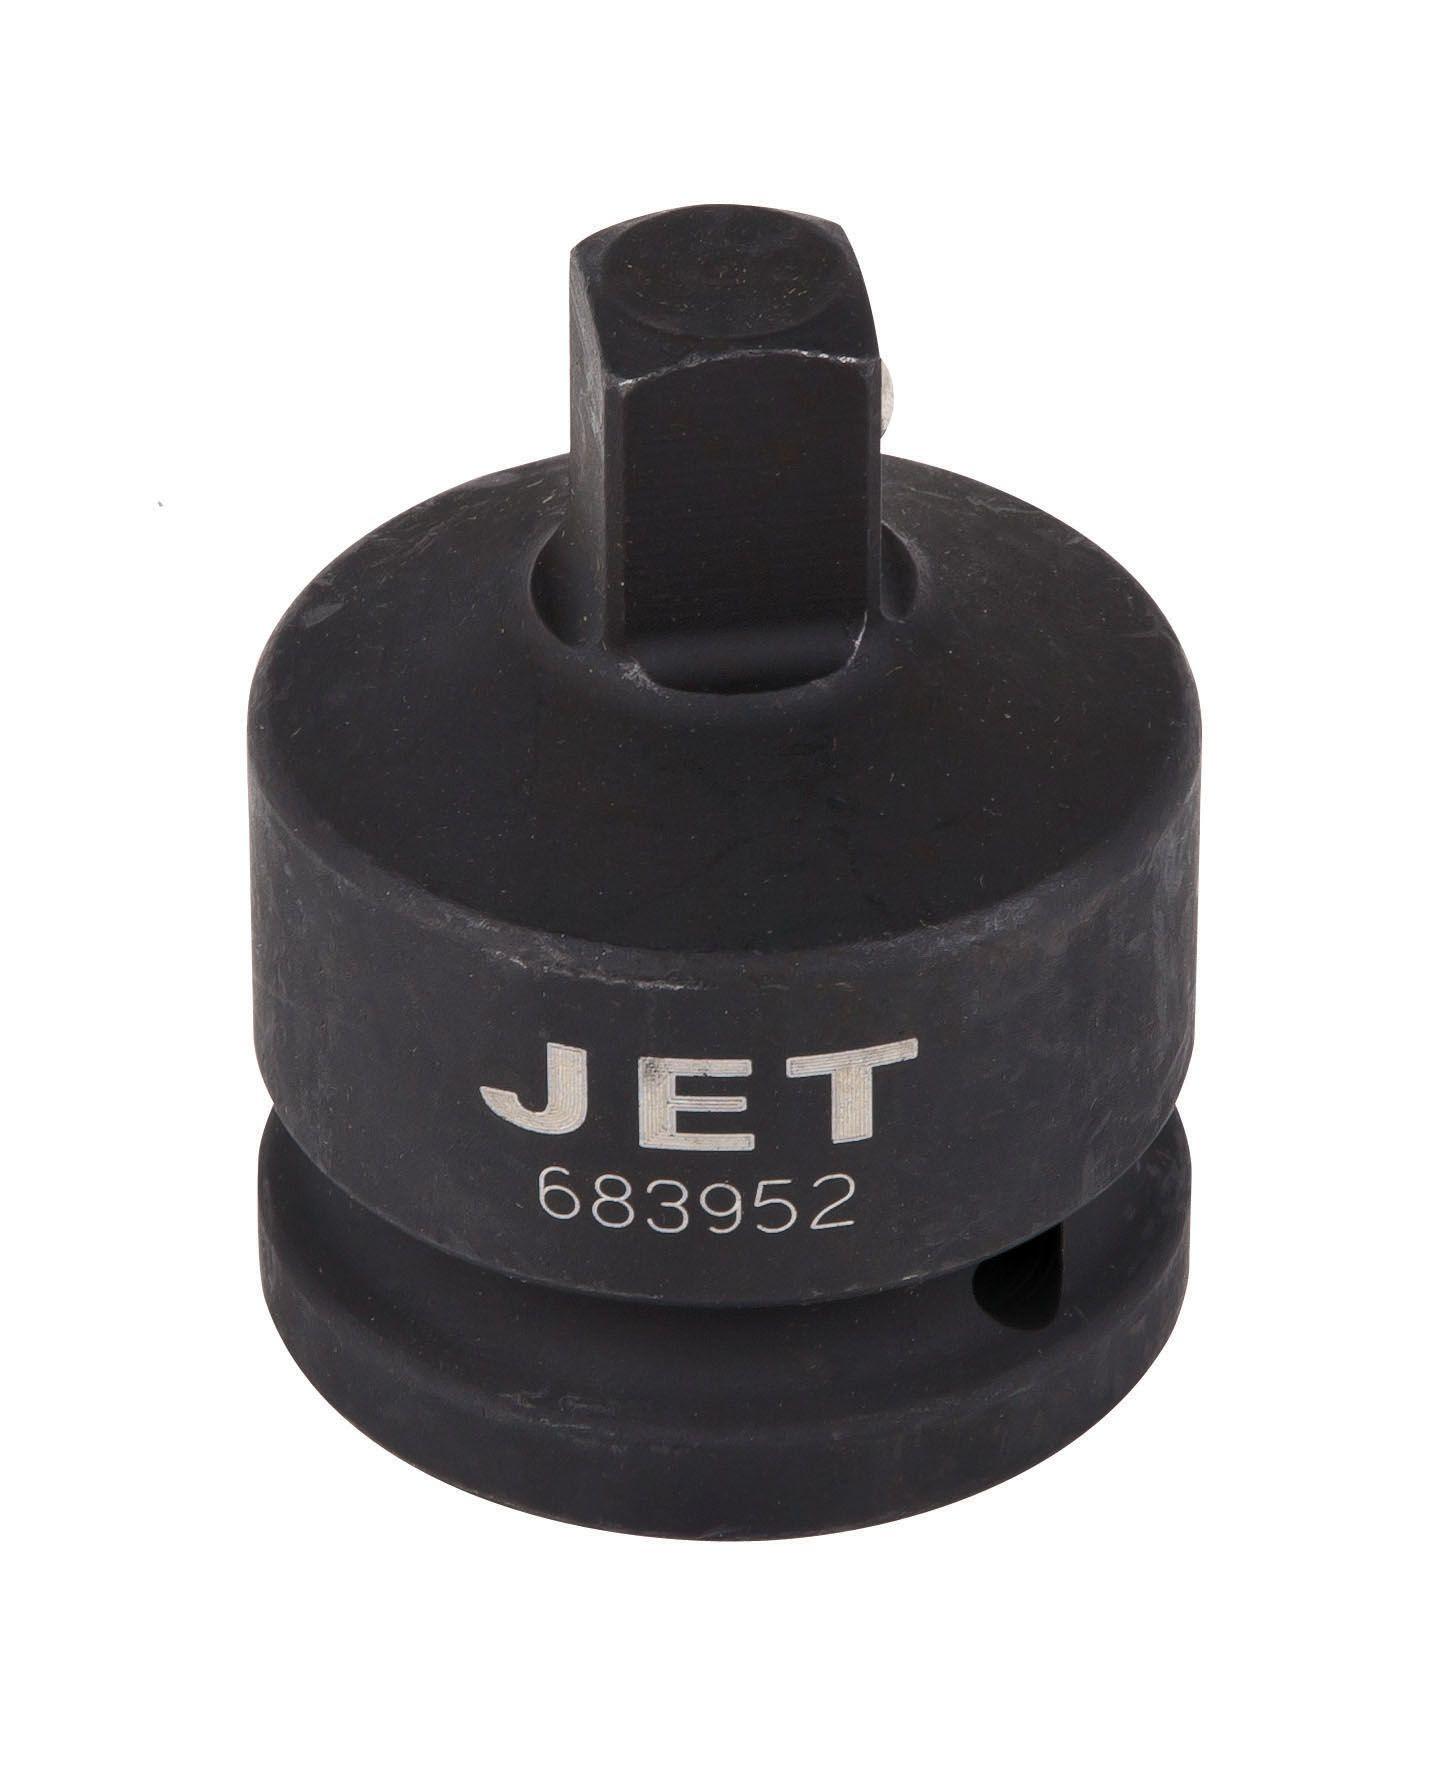 Jet 683952 Adaptateur à chocs 3/4